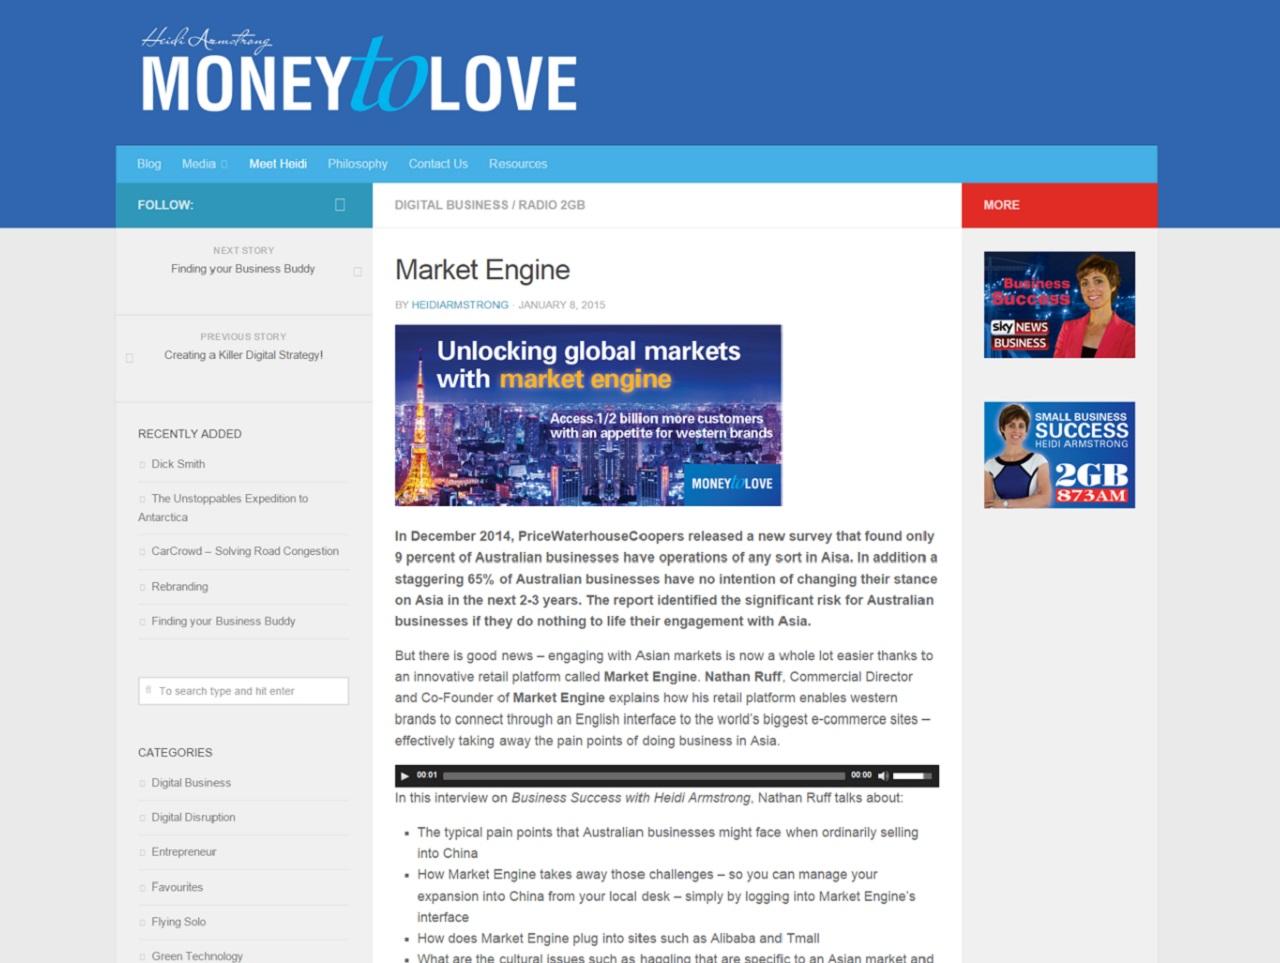 Market Engine on Money To Love